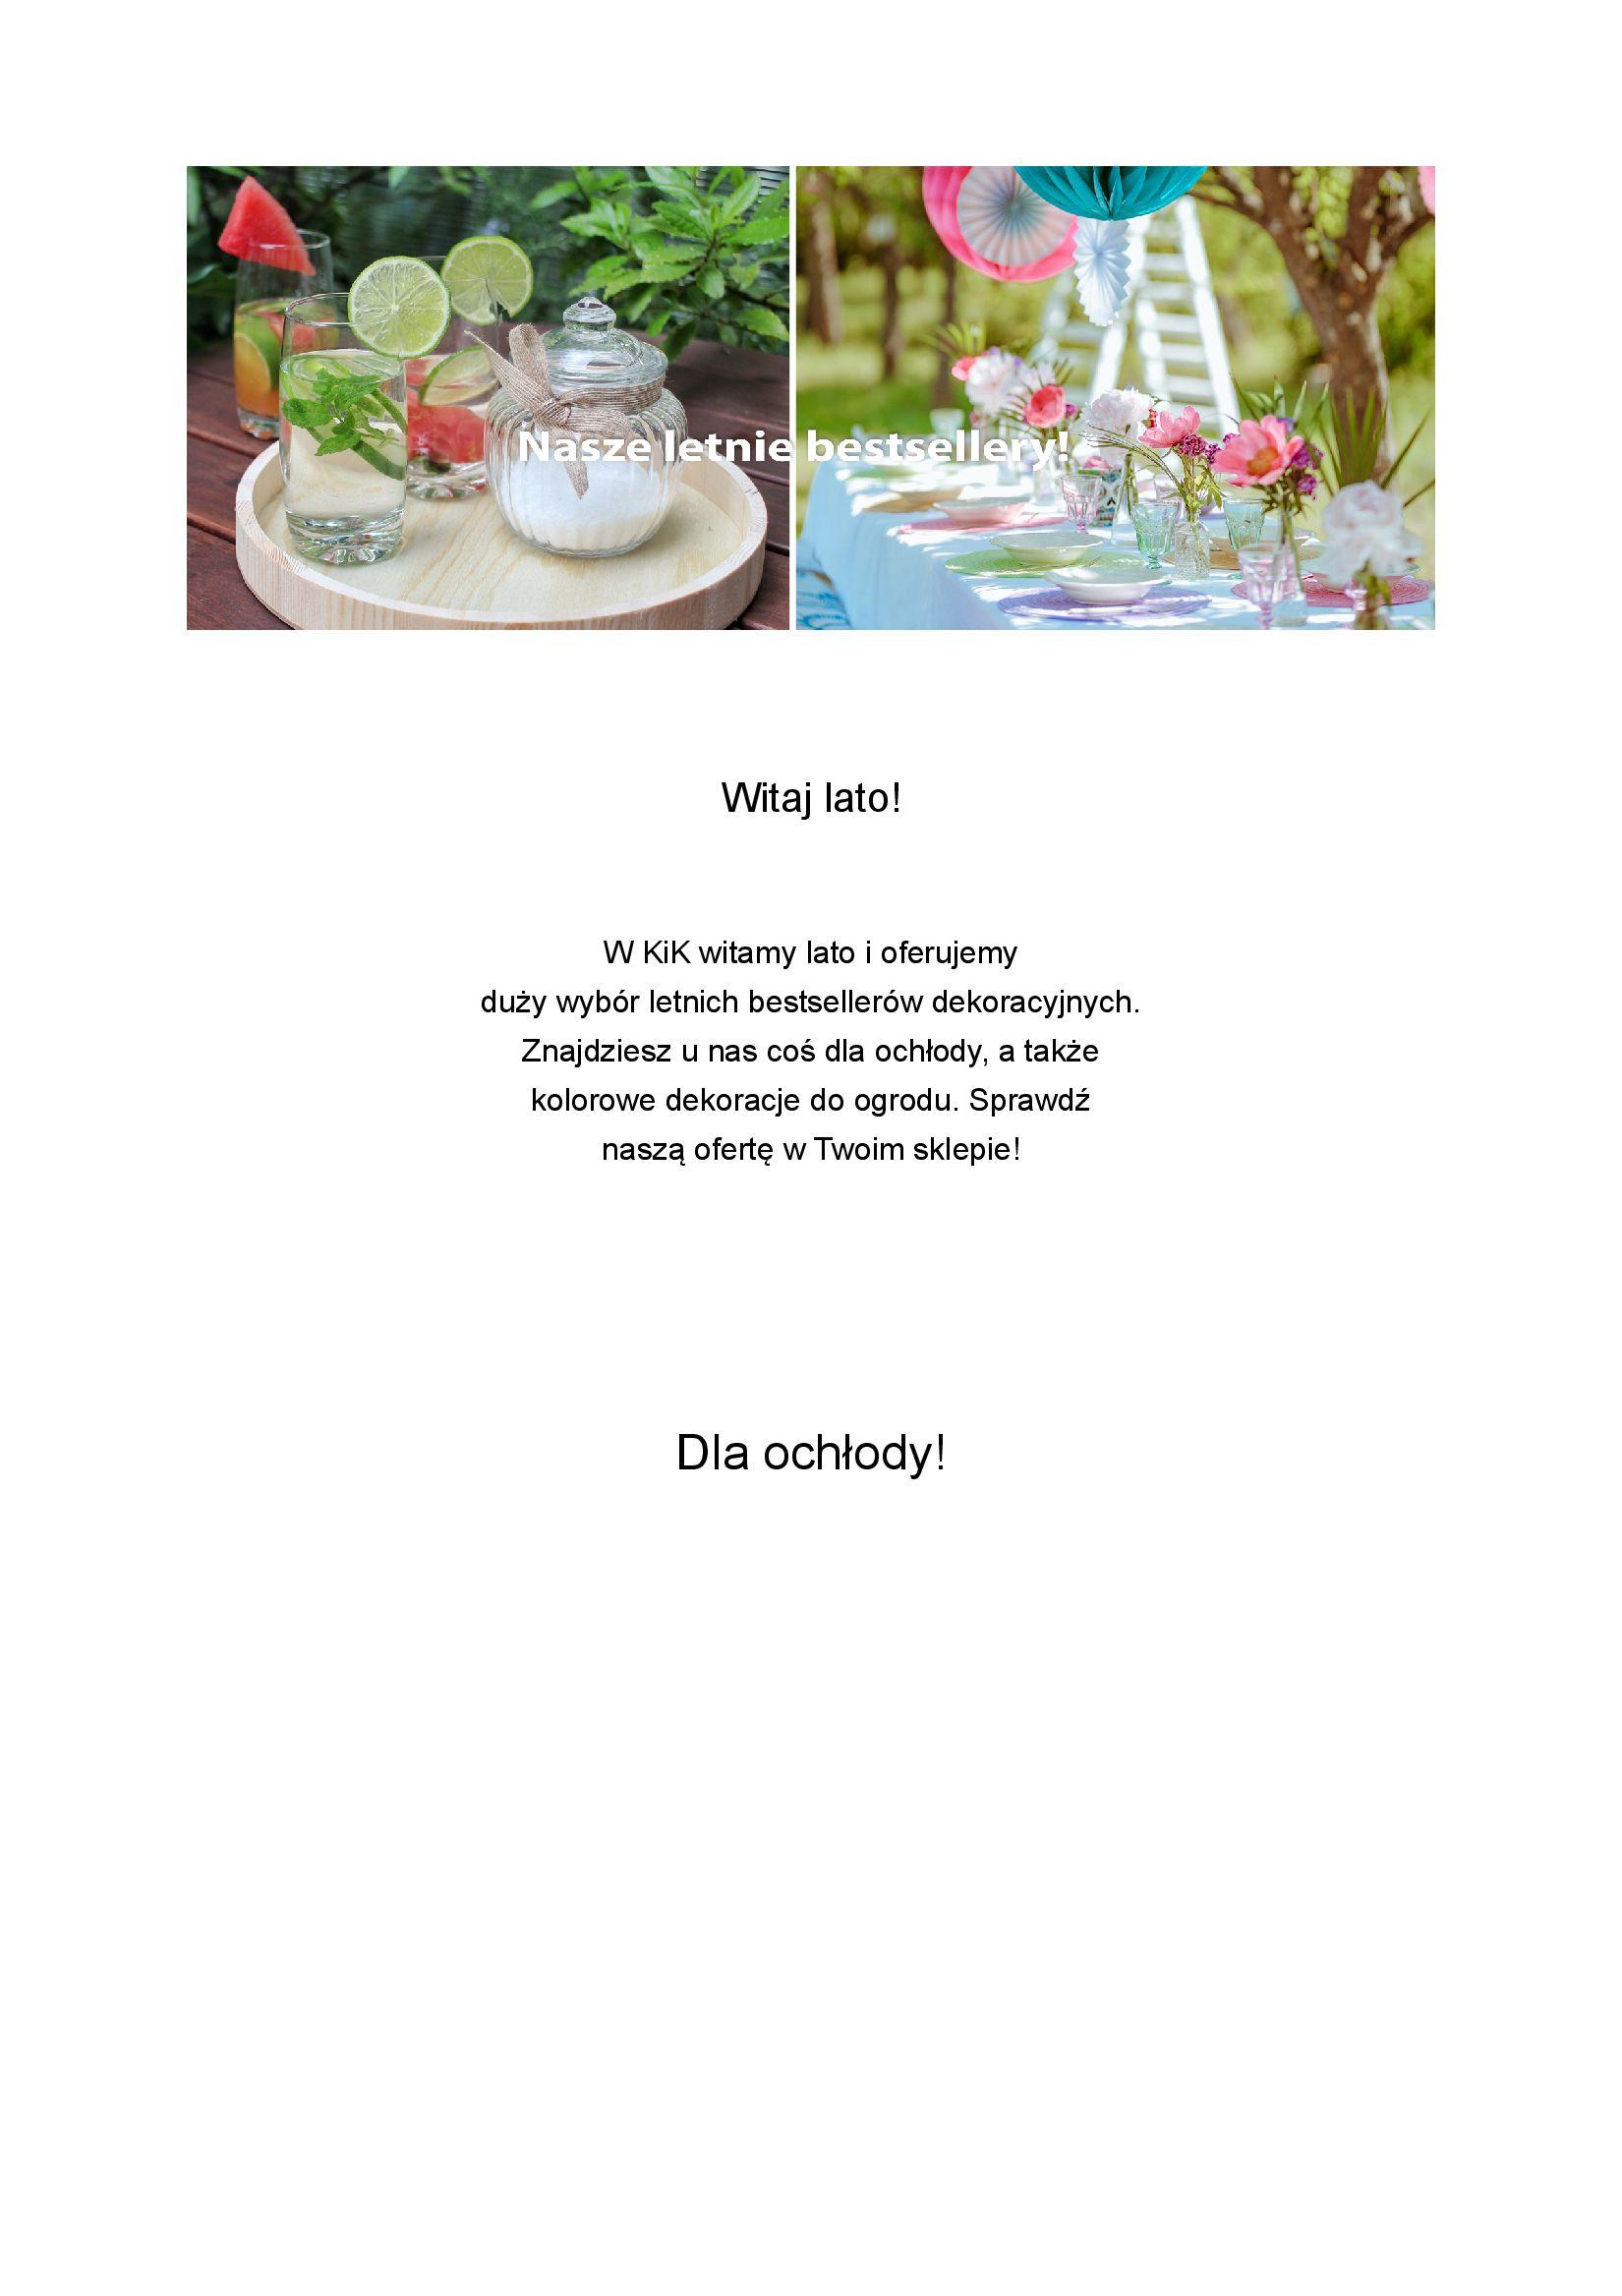 KiK:  Gazetka KiK - Letnie bestsellery 05.07.2021